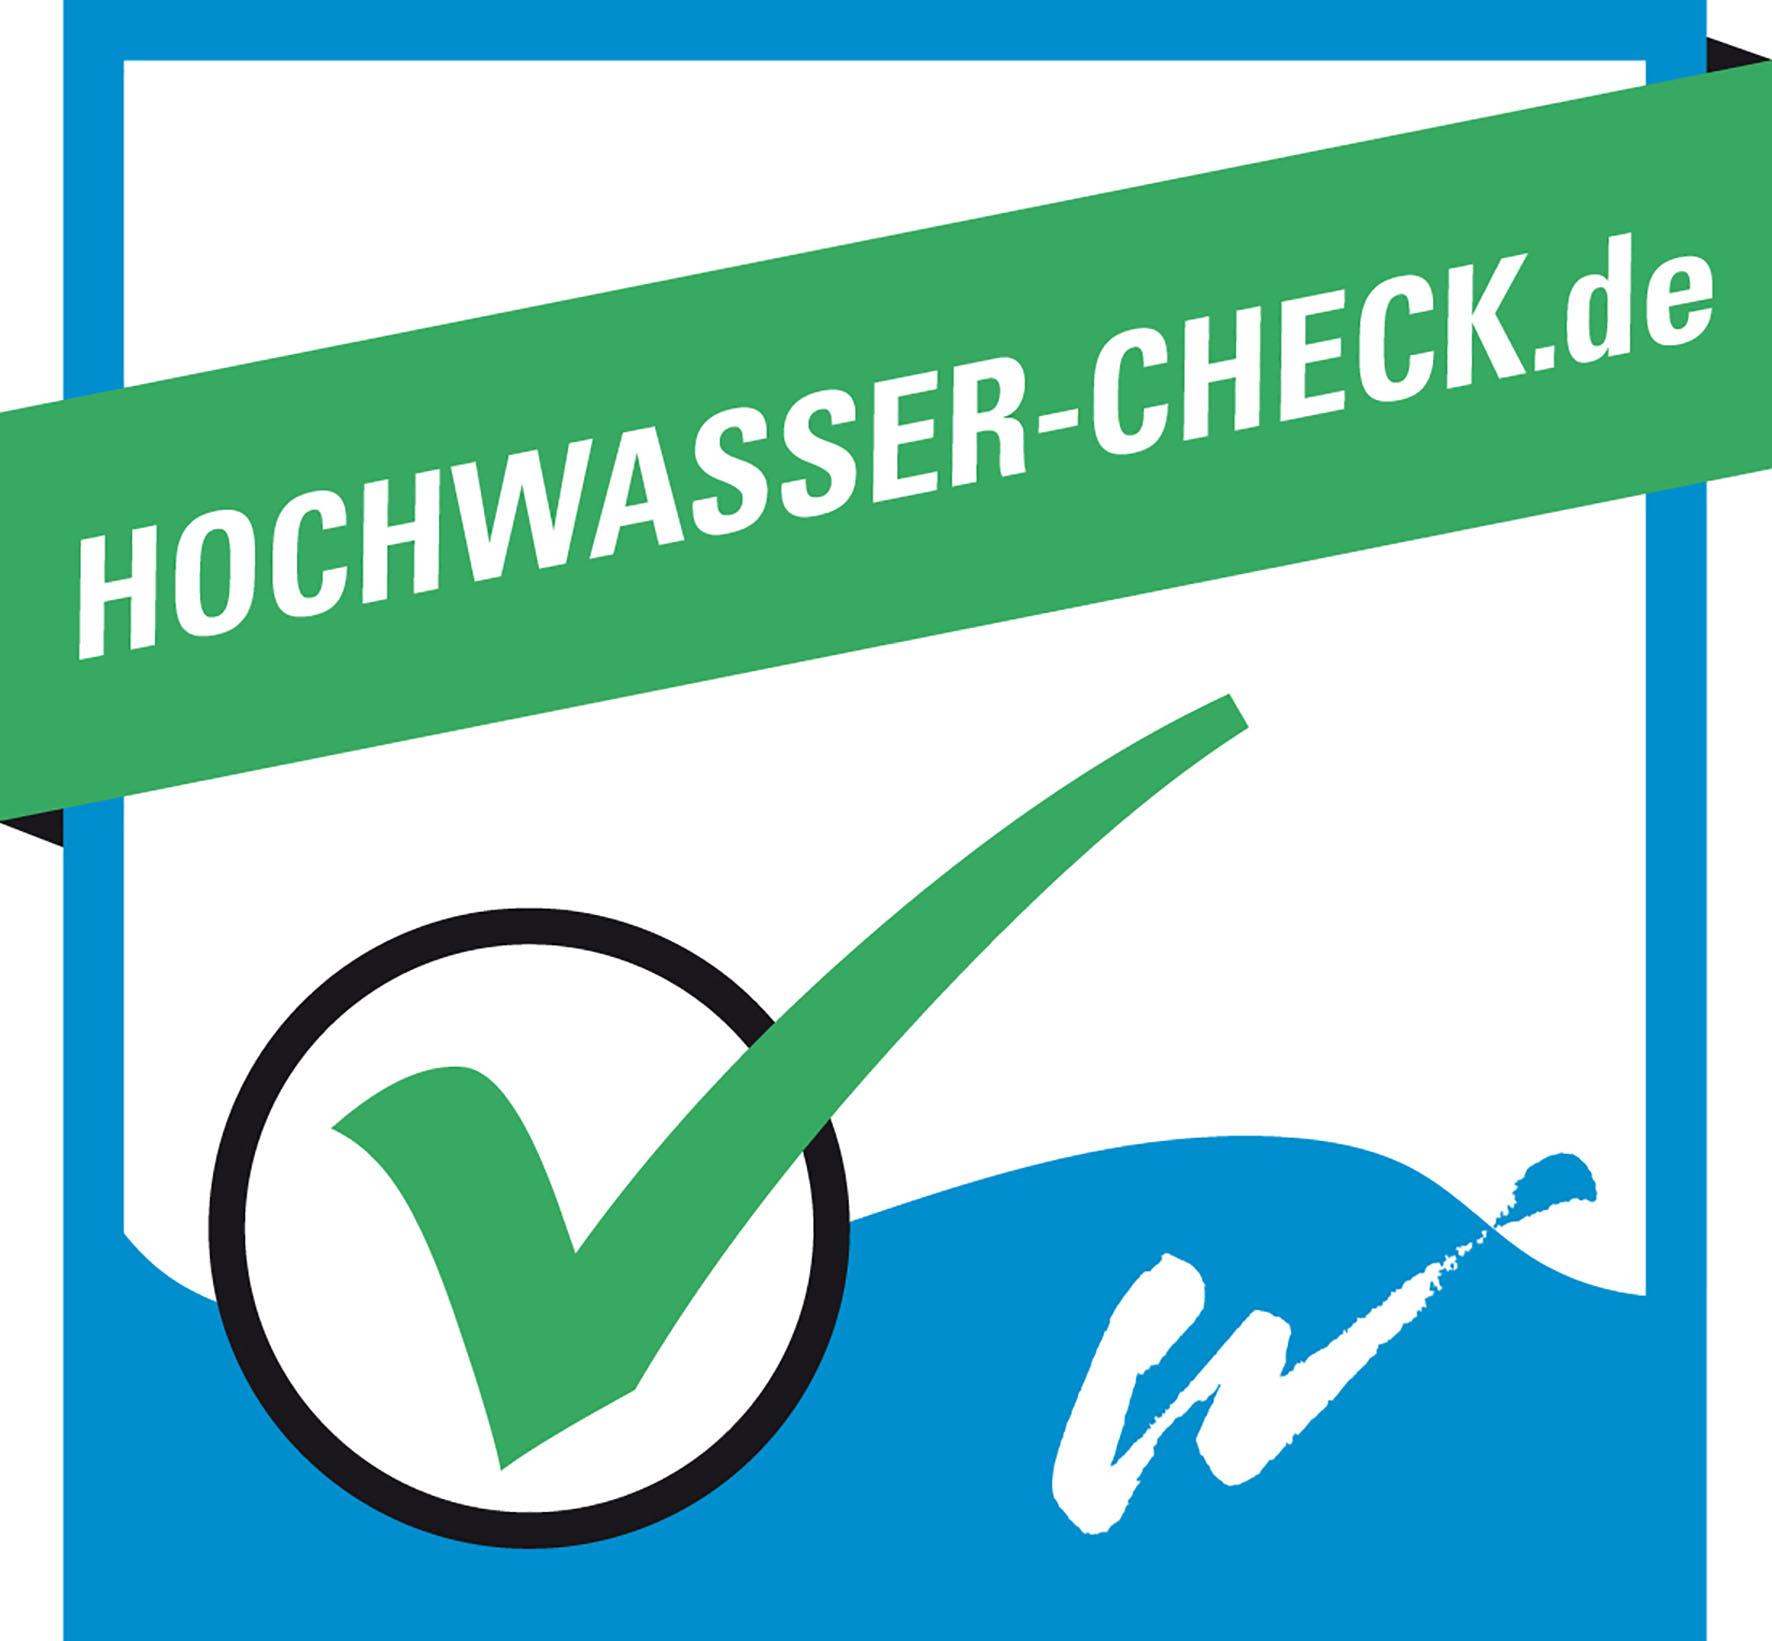 Siegel zum Hochwasser-Check